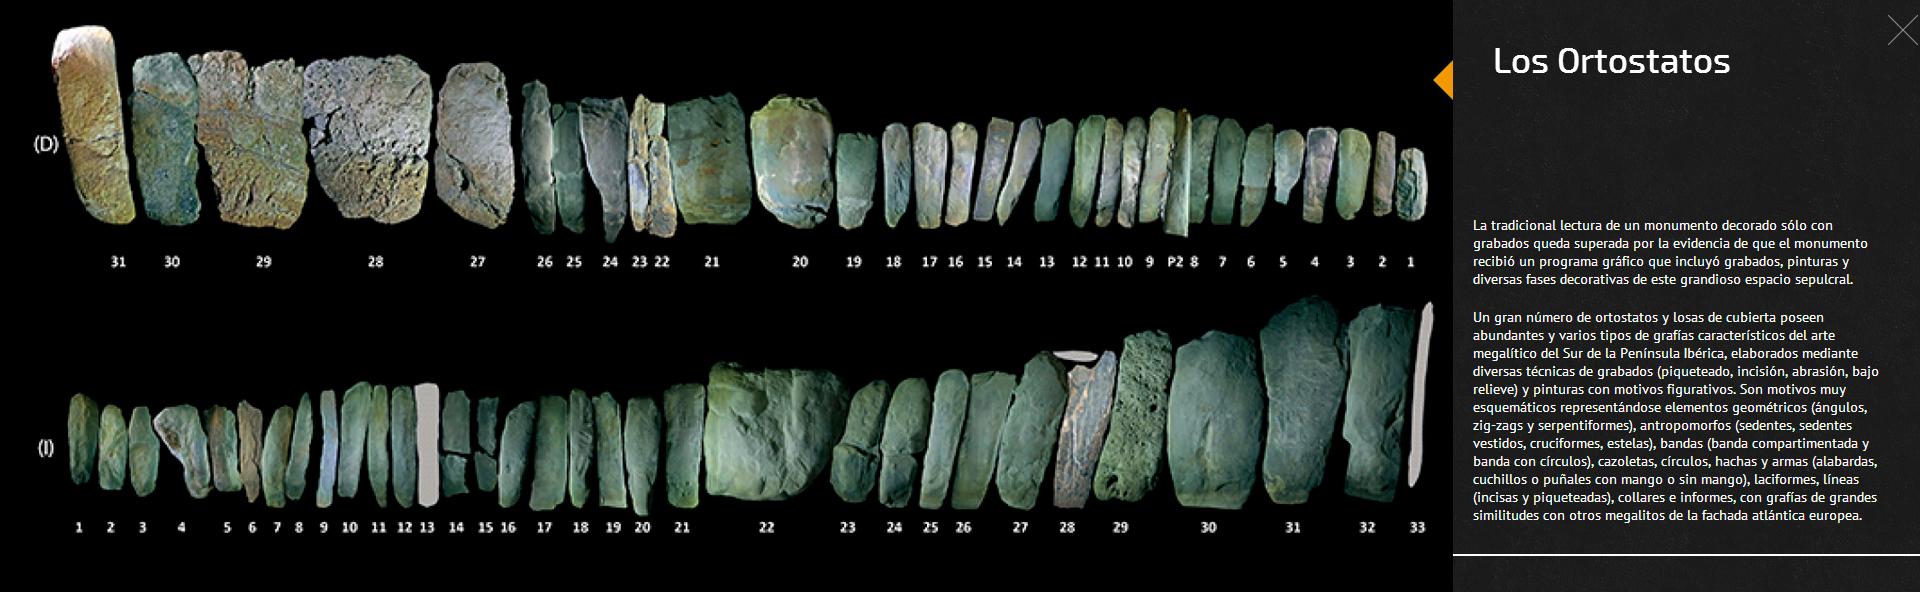 Se trata de un dolmen perteneciente a la familia de los dólmenes de corredor largo